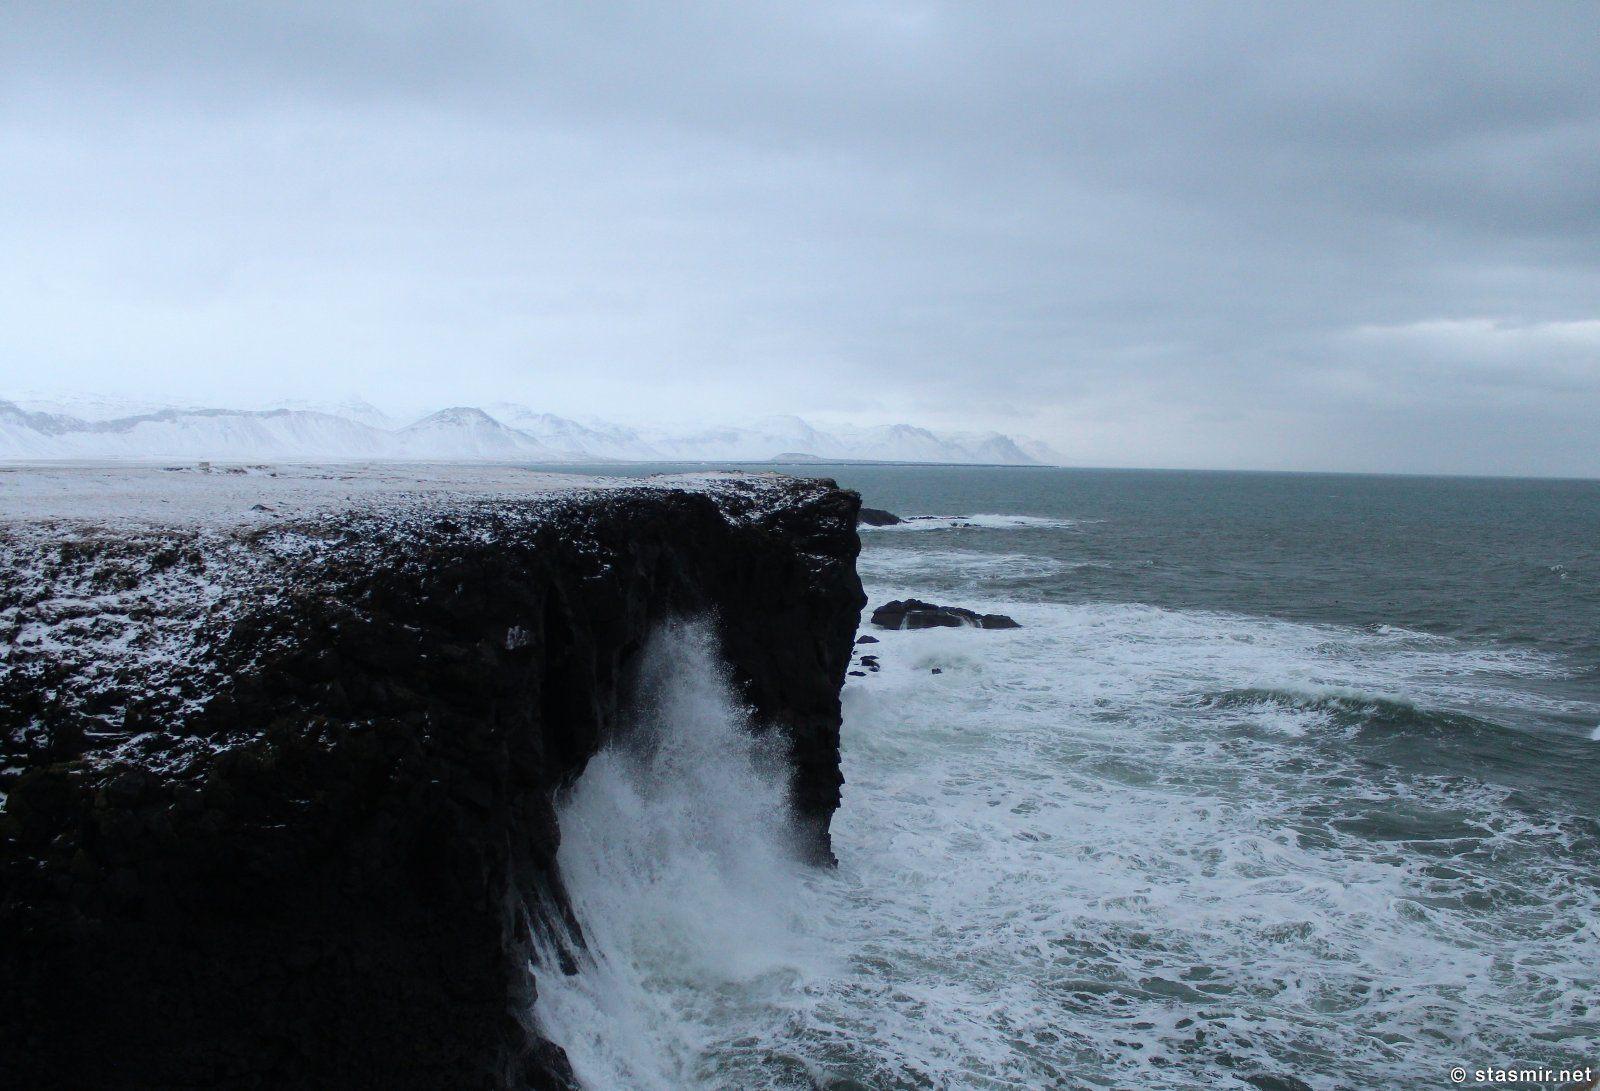 Скалы Арнарстапи, Западная Исландия, полуостров Снйфедльснес, фото Стасмир, photo Stasmir, stasmirnet, stasmircom